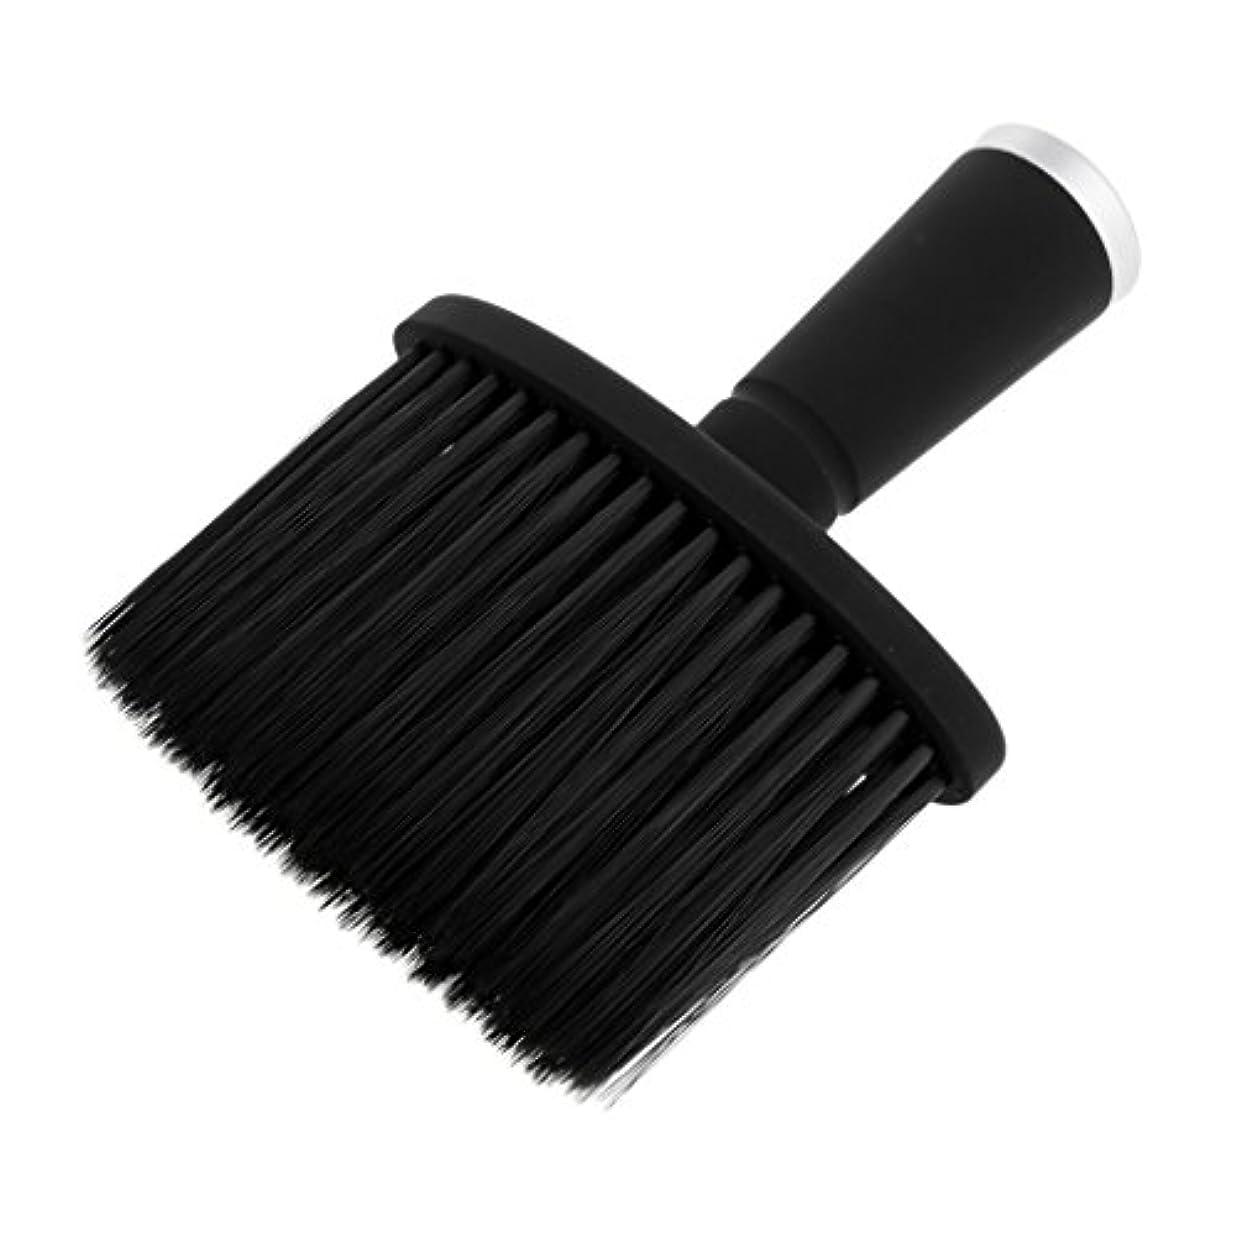 ミリメートル地下不条理ソフトネックダスターブラシサロンのためのスタイリストの理髪髪ヘアカットメイクツール - 銀